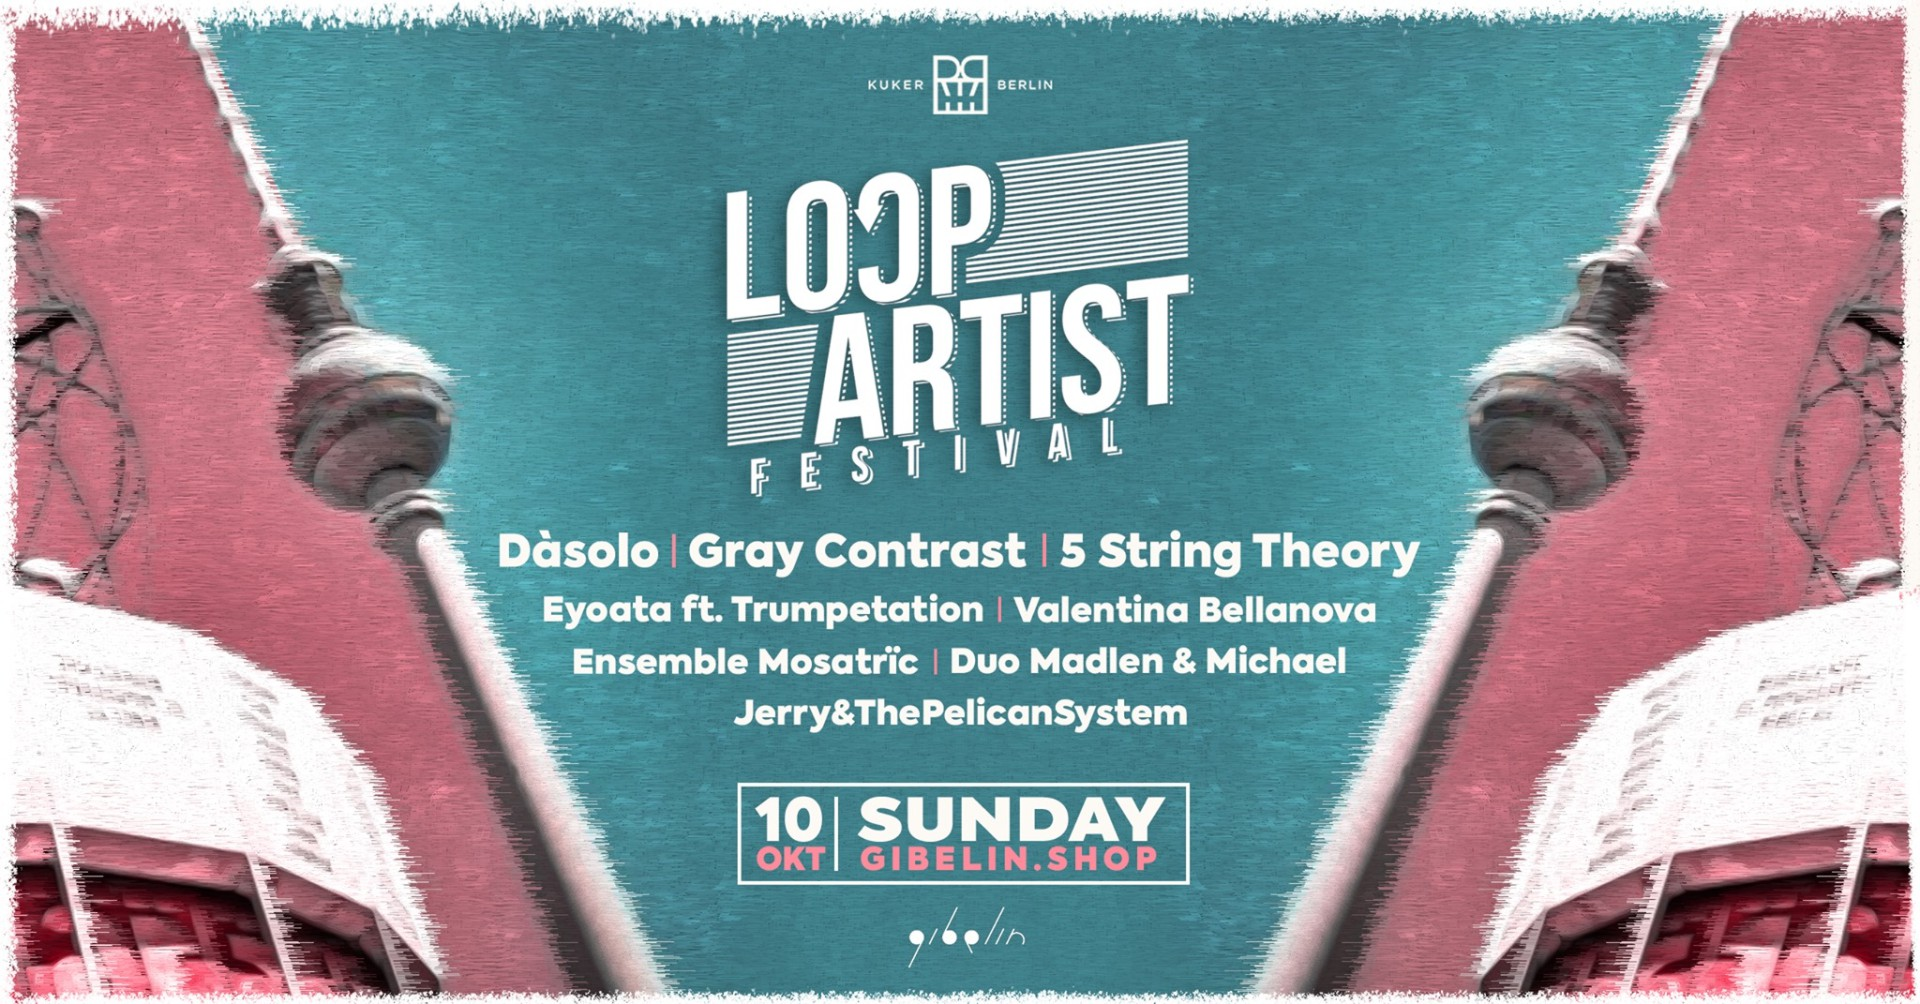 Loop Artist Festival Berlin